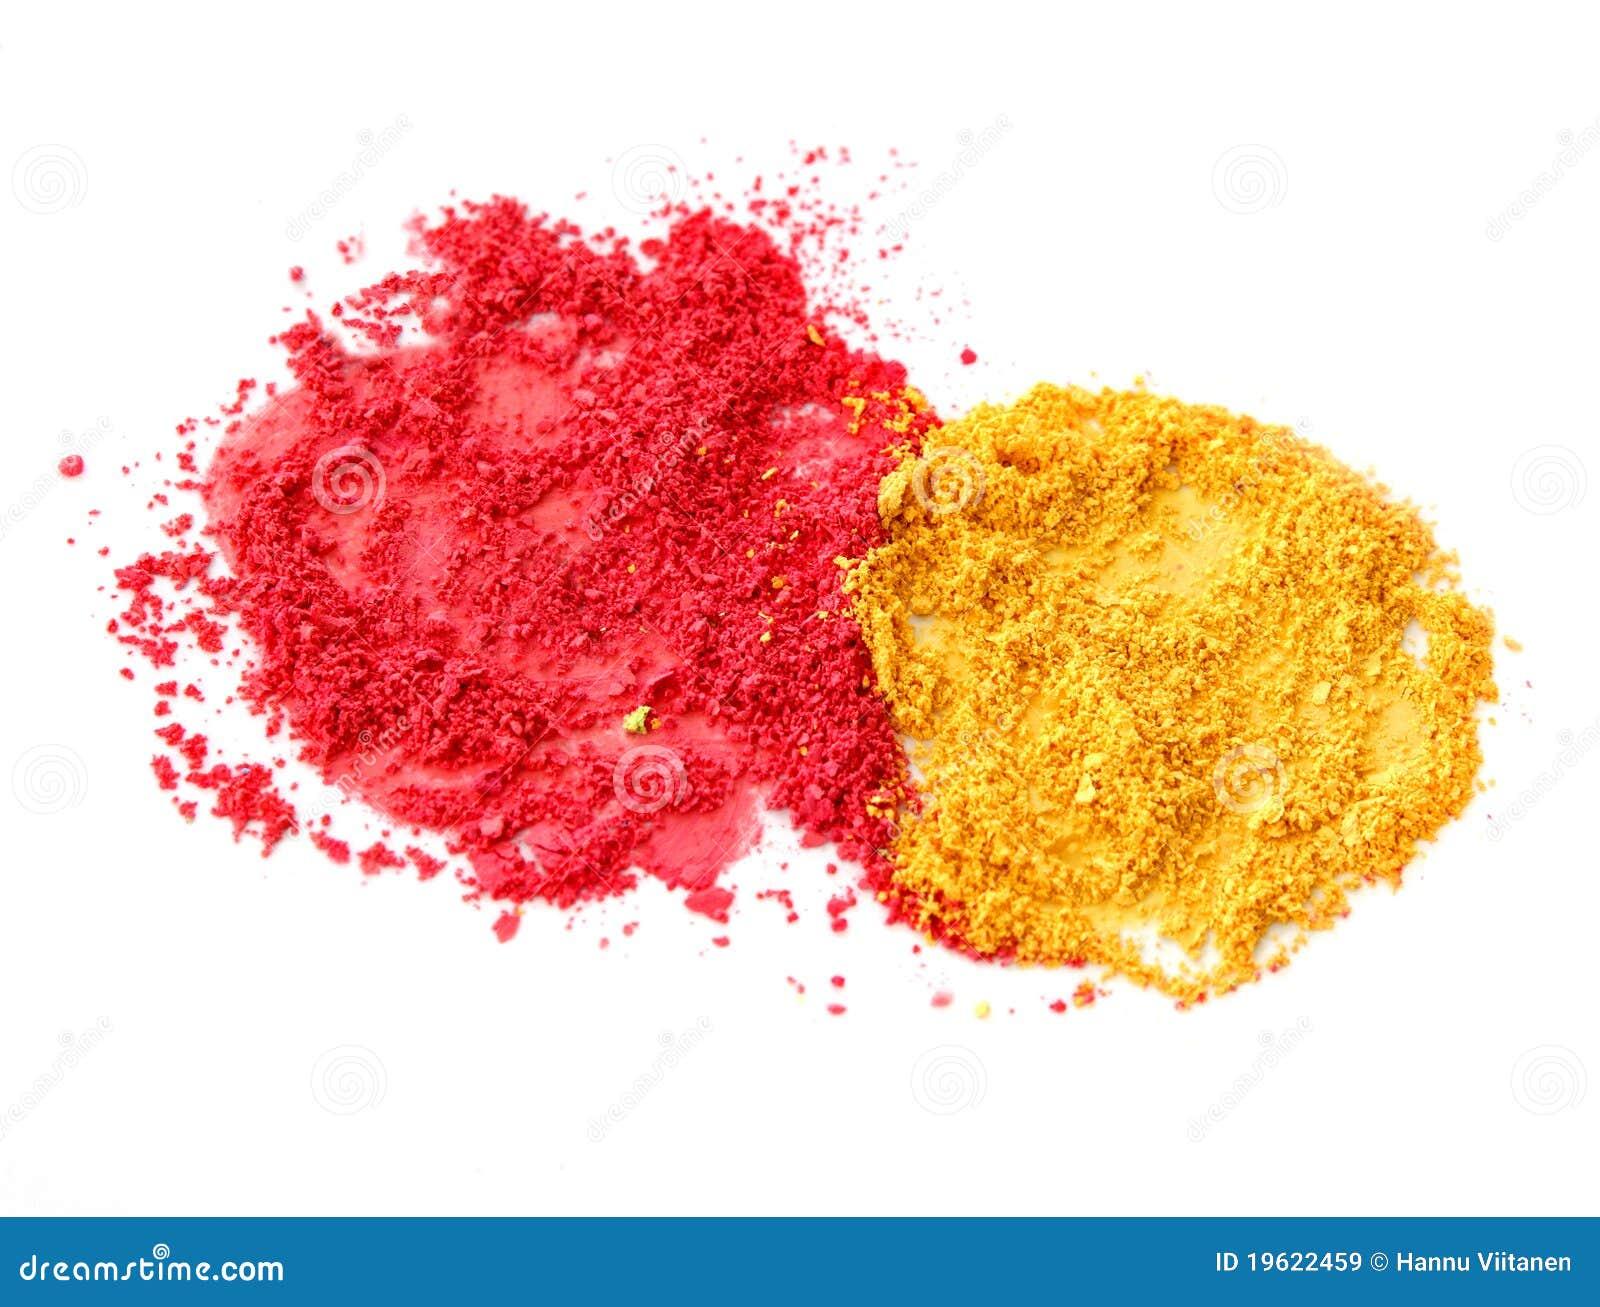 poudre rouge et jaune de couleur images libres de droits. Black Bedroom Furniture Sets. Home Design Ideas